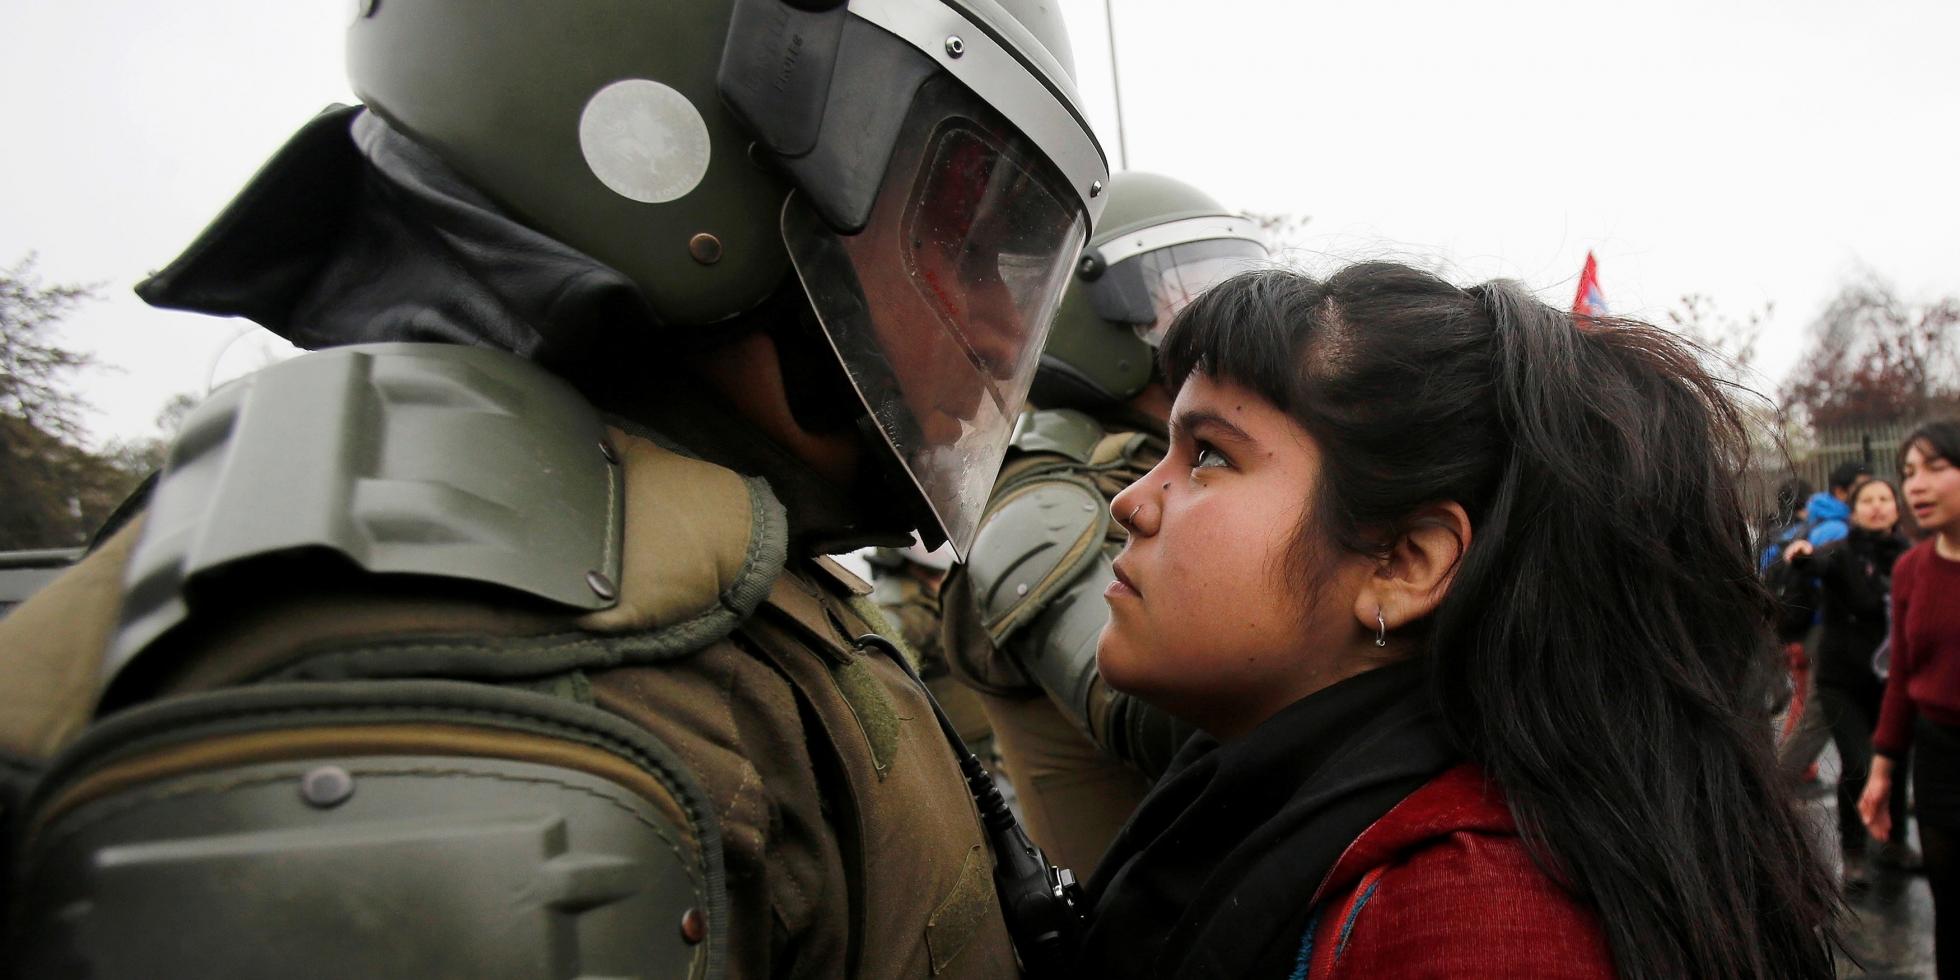 La juventud se politiza en Chile